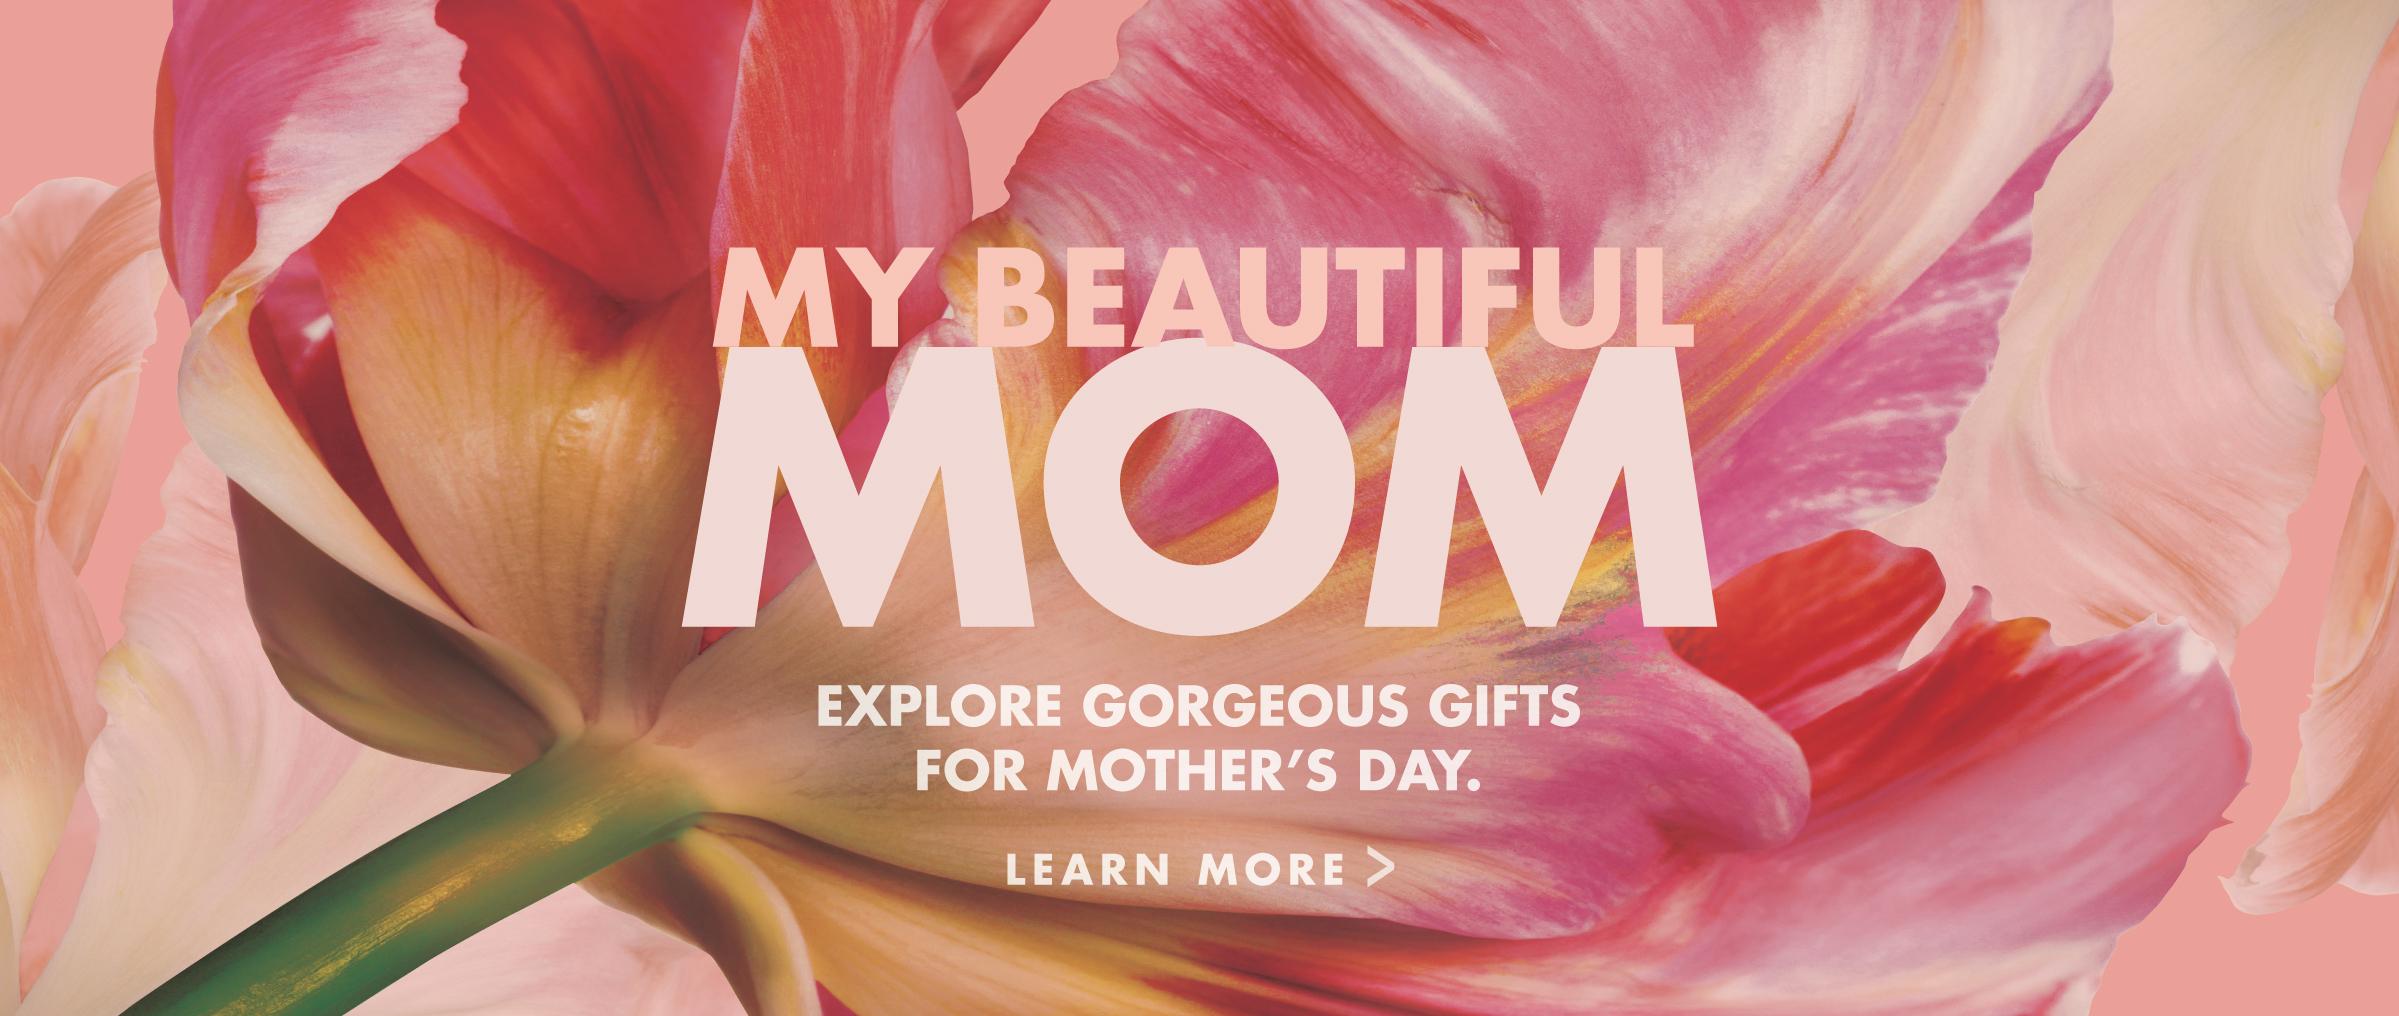 Murale Mother's Day 2017 Digital Hero Slider